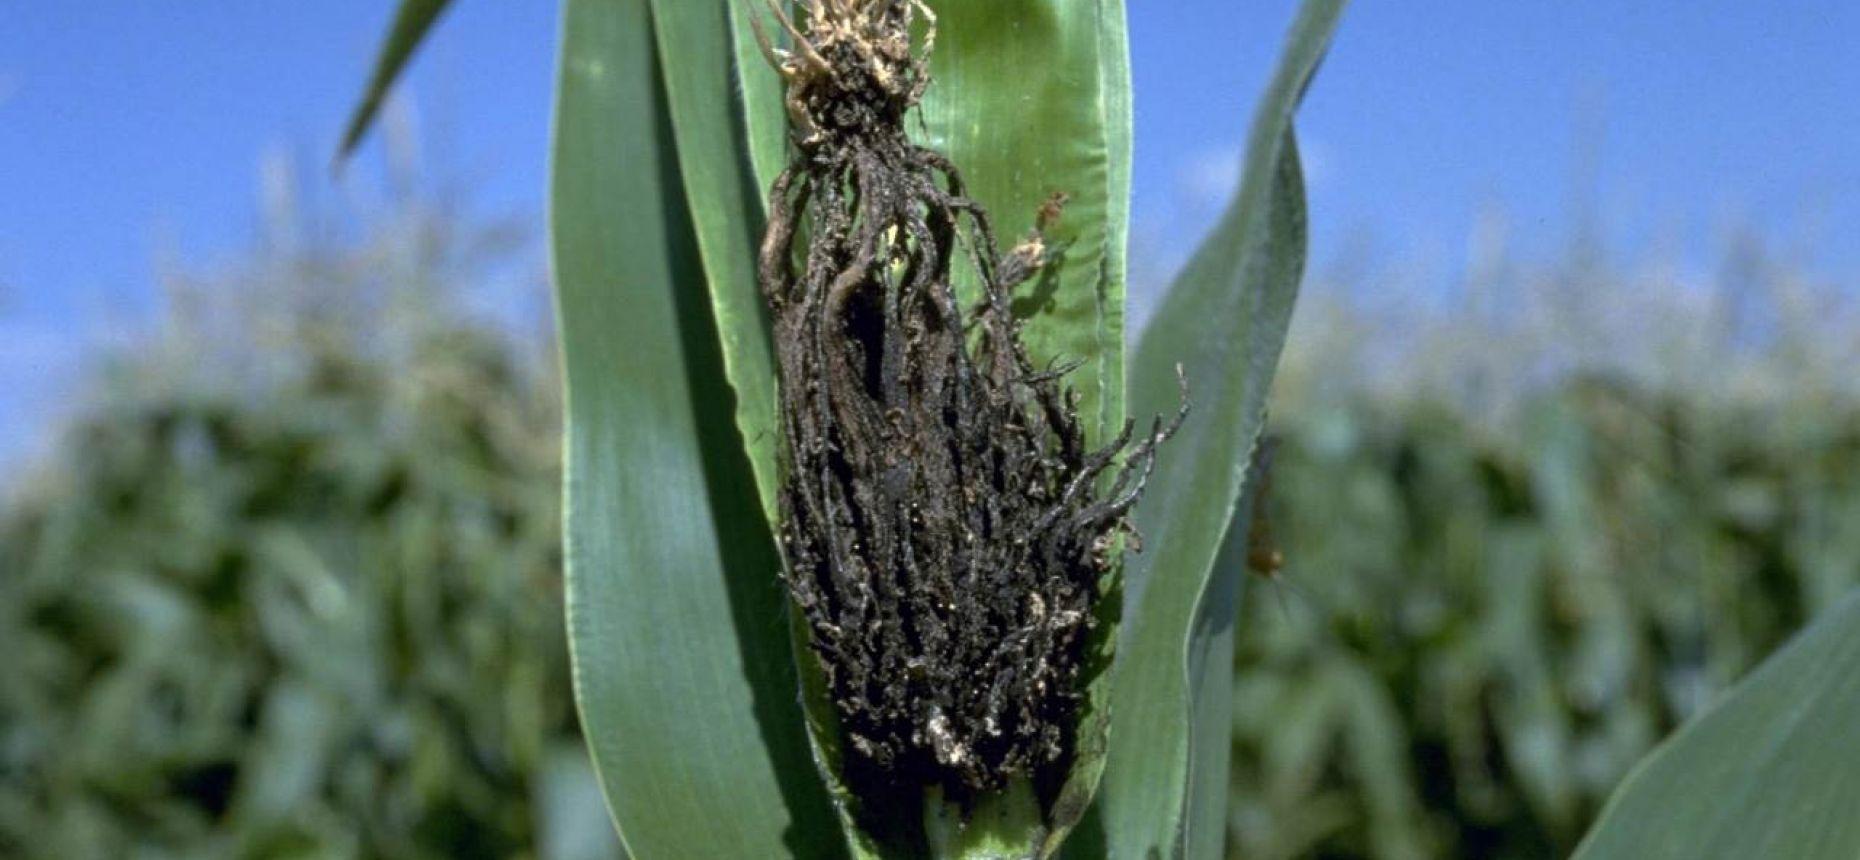 Пыльная головня кукурузы - Sorosporium reilianum (Kuehn) Mc Alp.